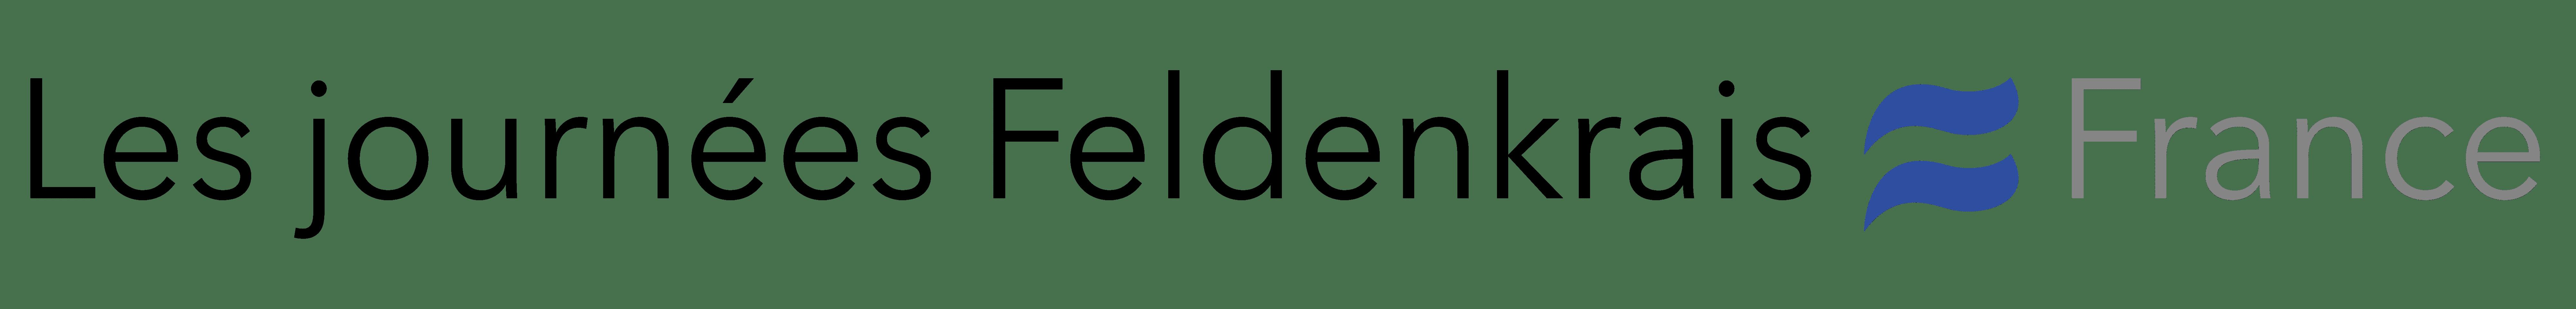 Le logo du site des journées Feldenkrais France